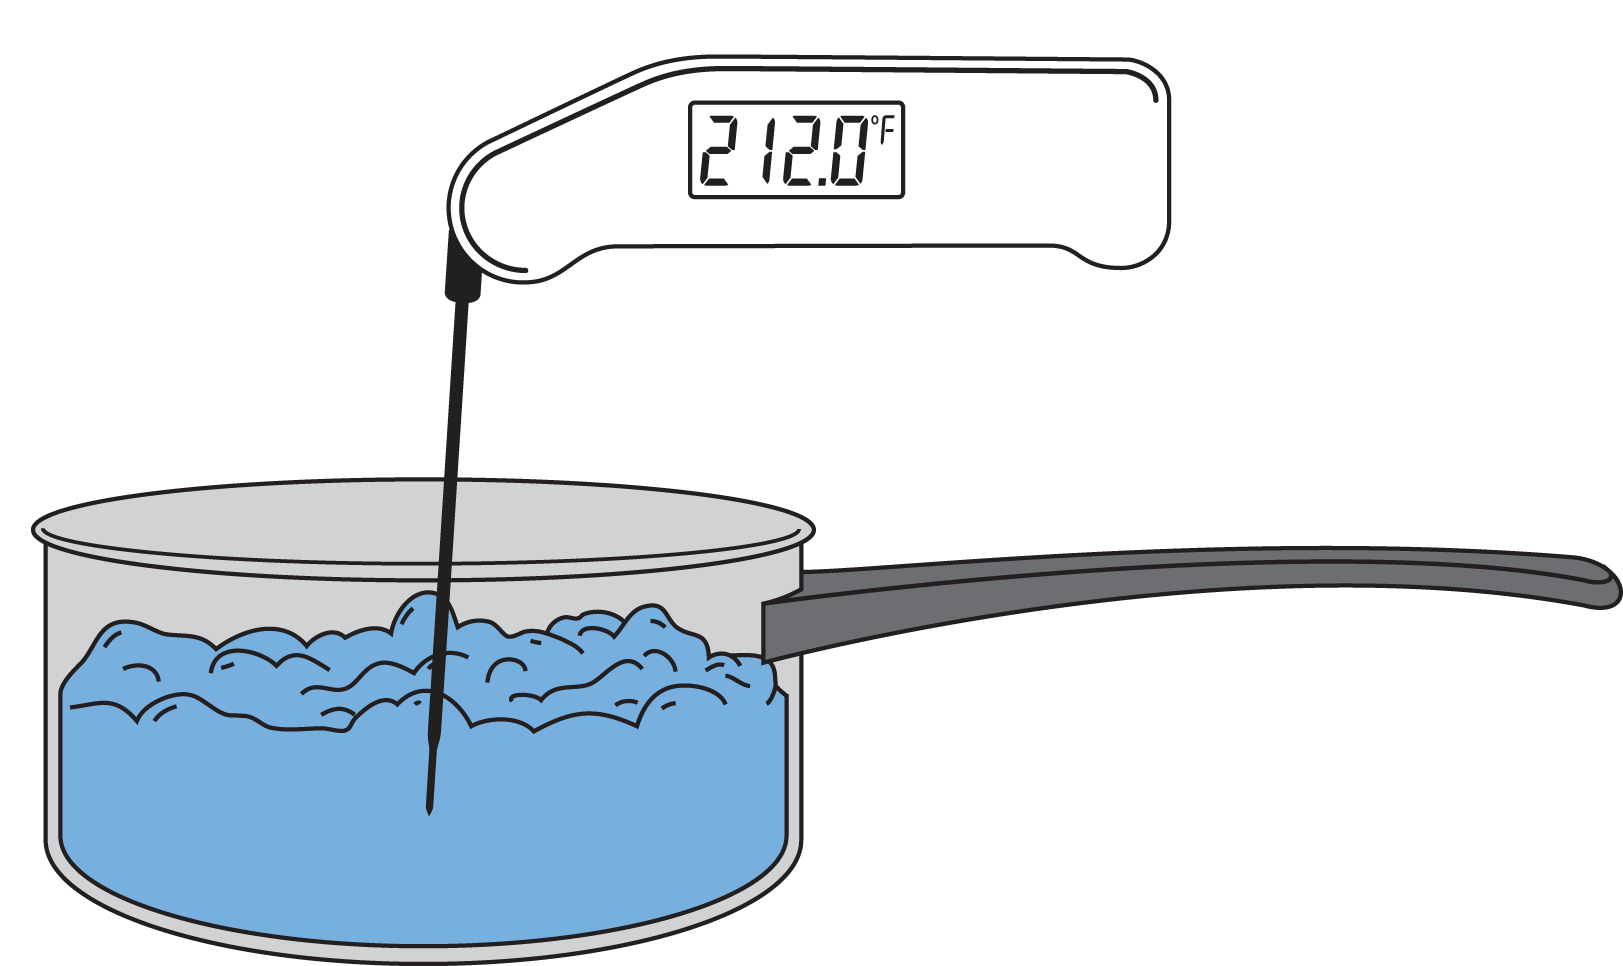 BoilingThermapen